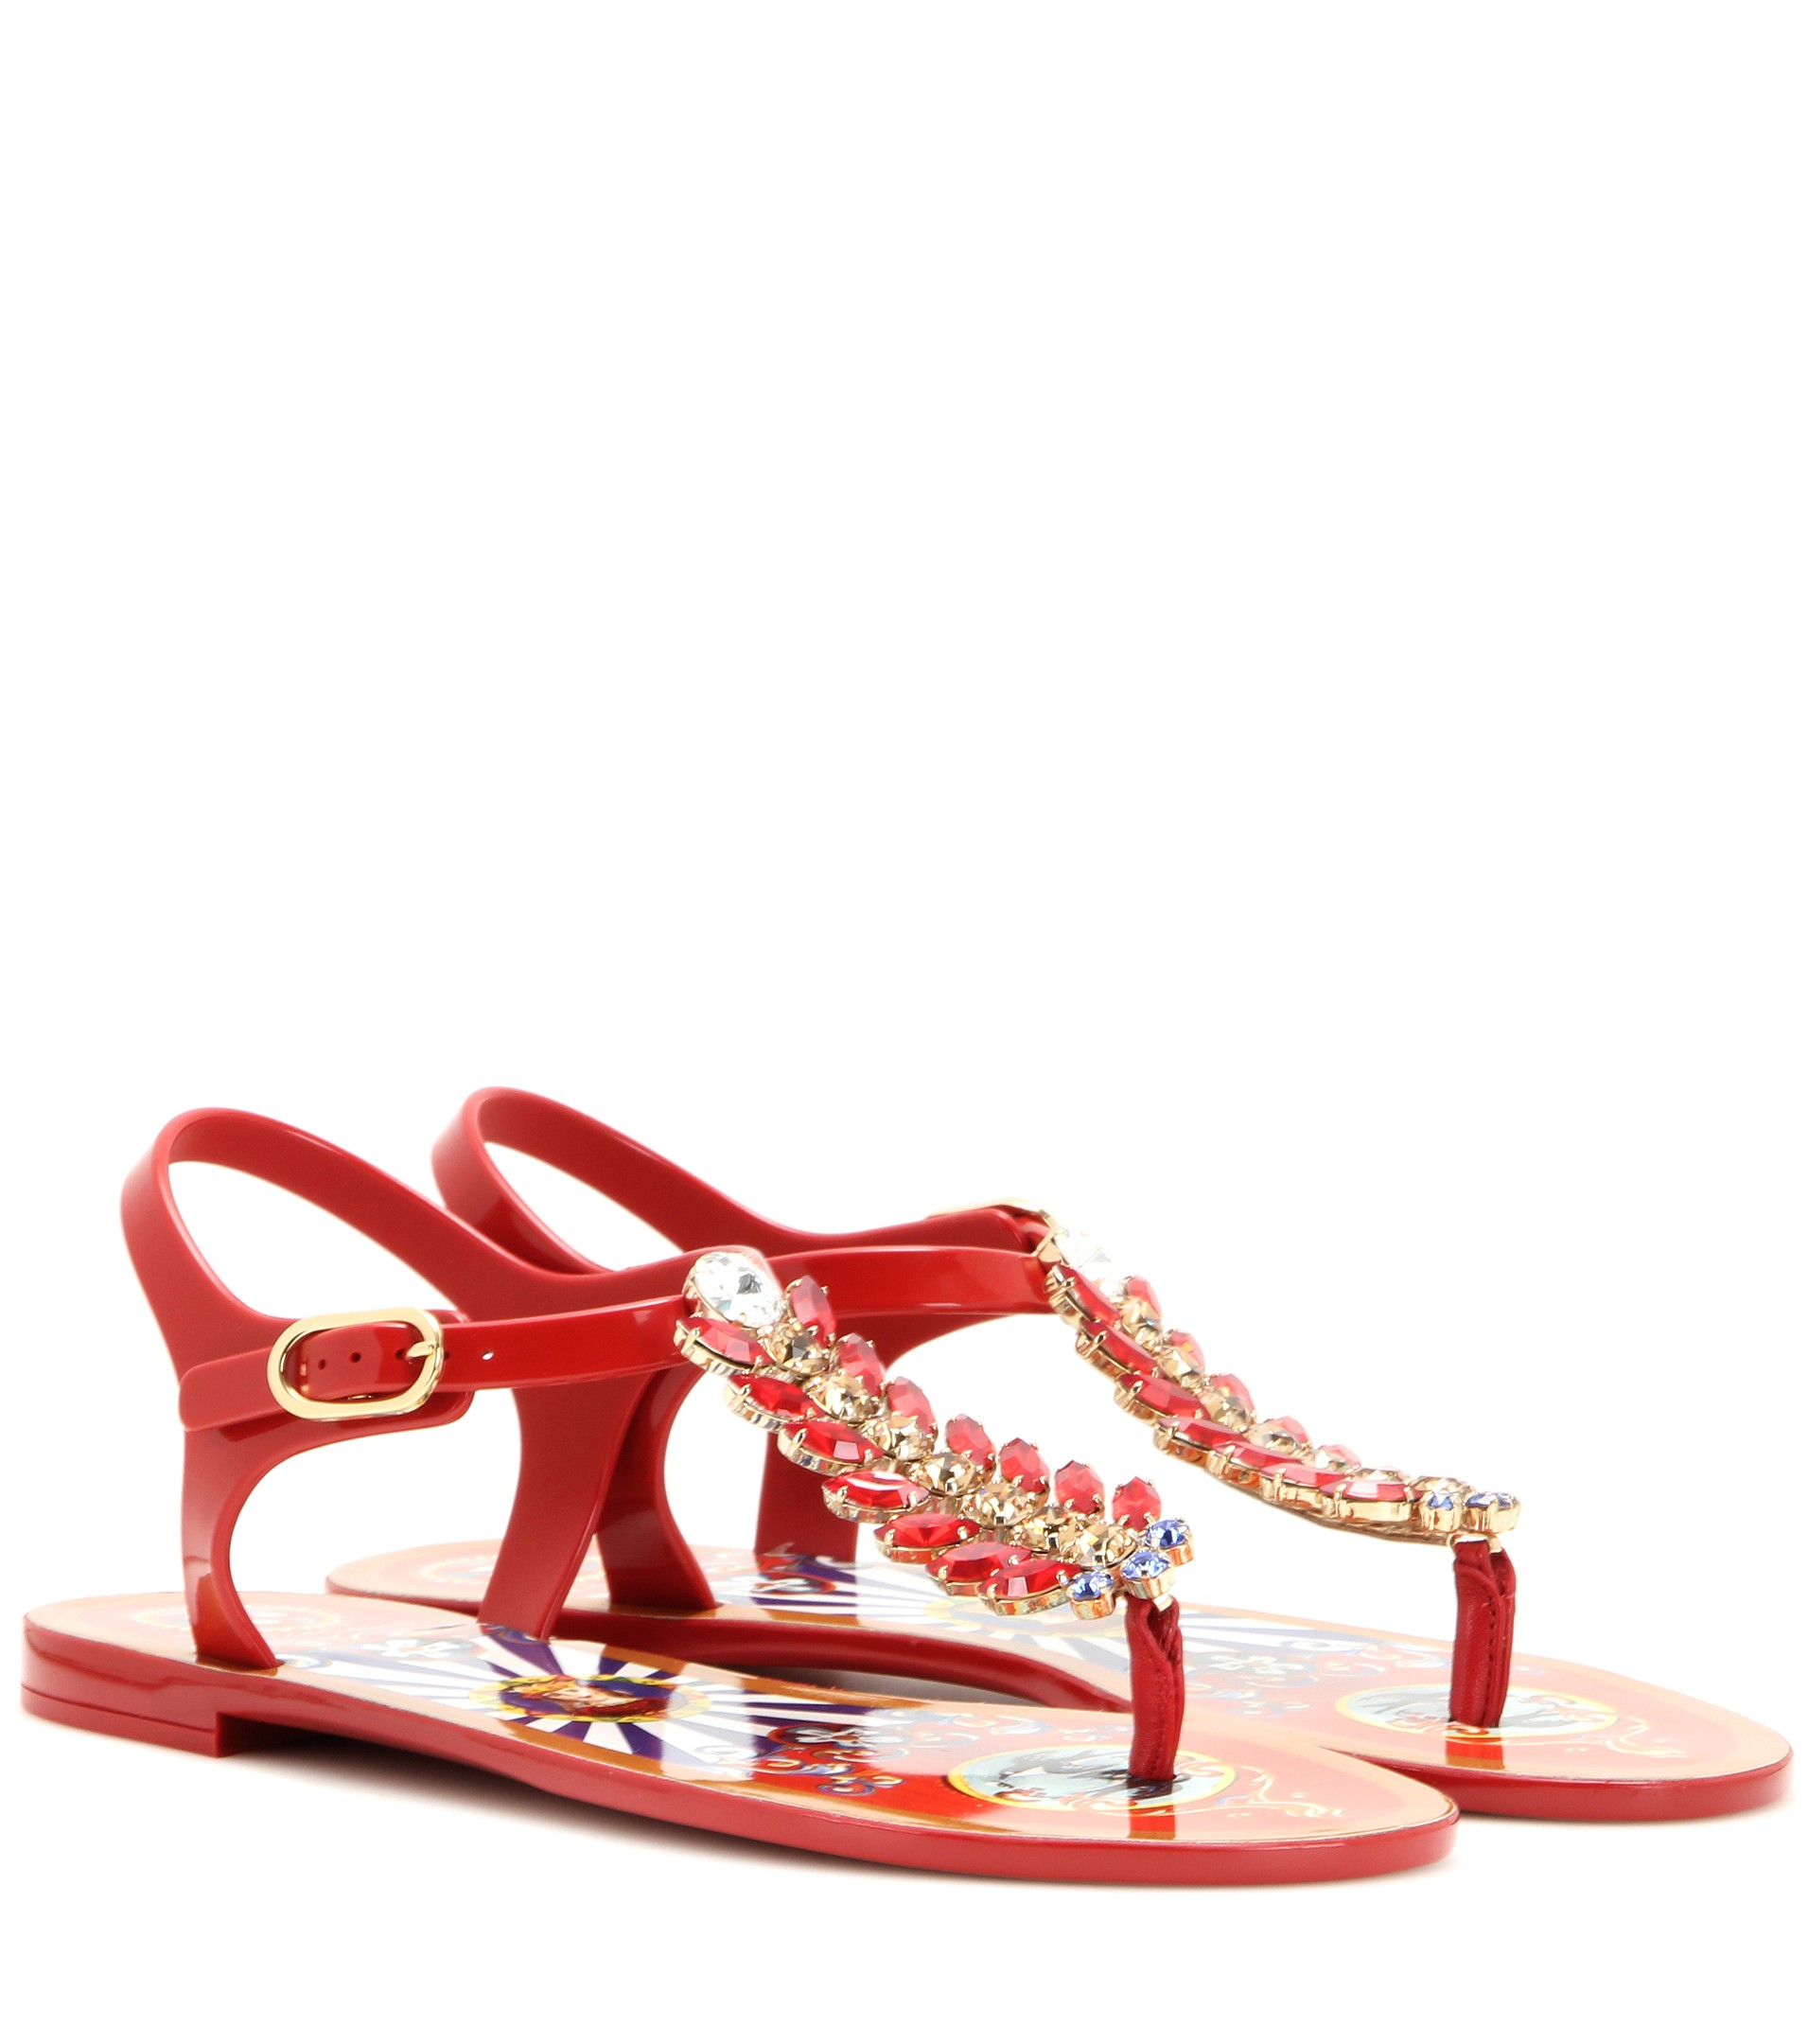 3fefa553afd5 Lyst - Dolce   Gabbana Crystal-Embellished Sandals in Red